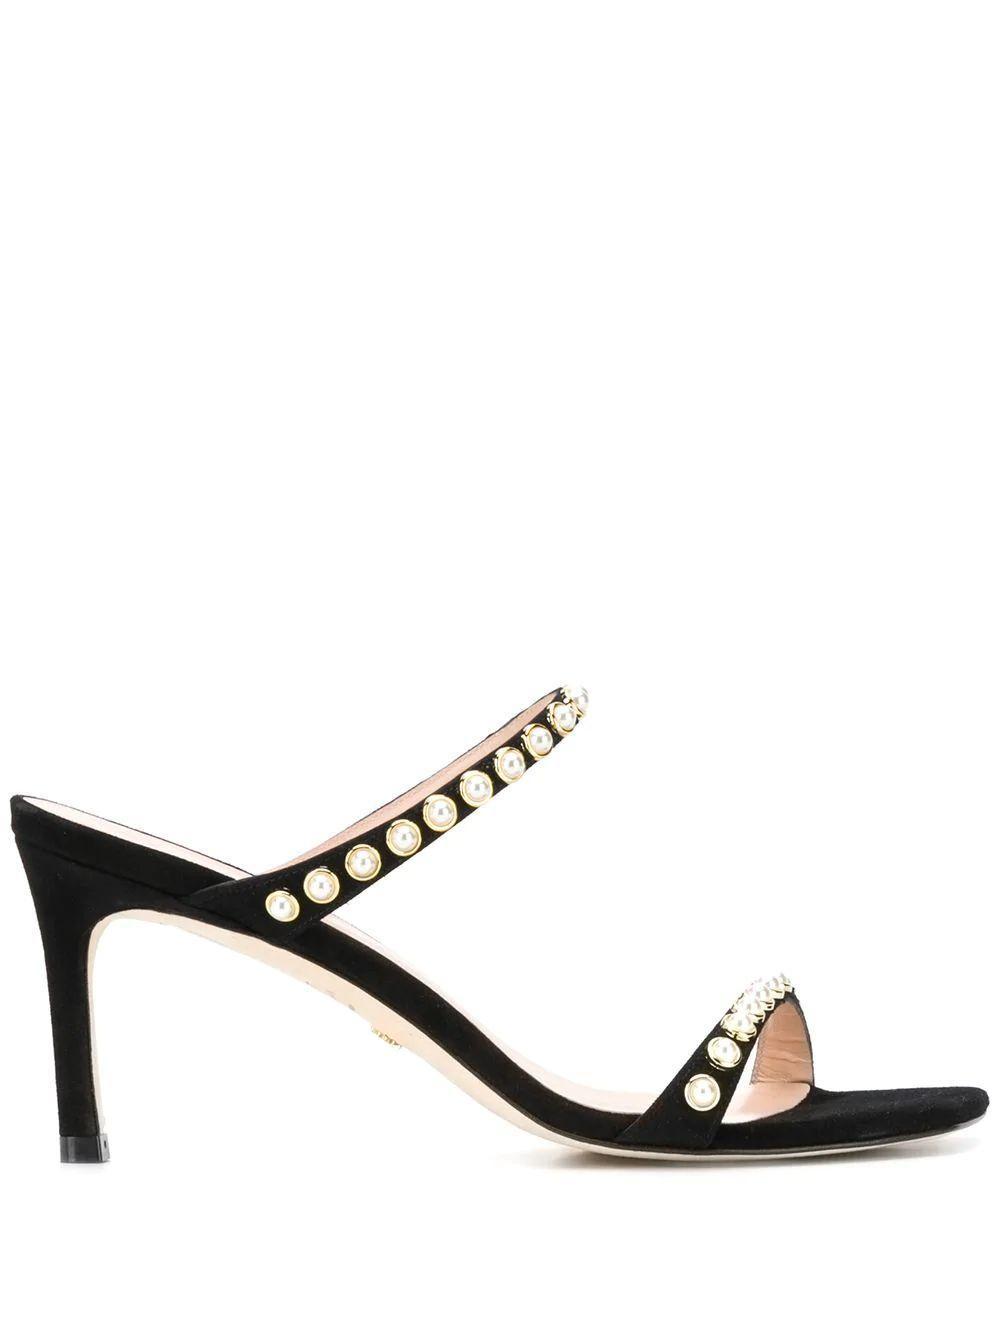 Aleena Pearl Strap Sandal Item # ALEENA100-PRL